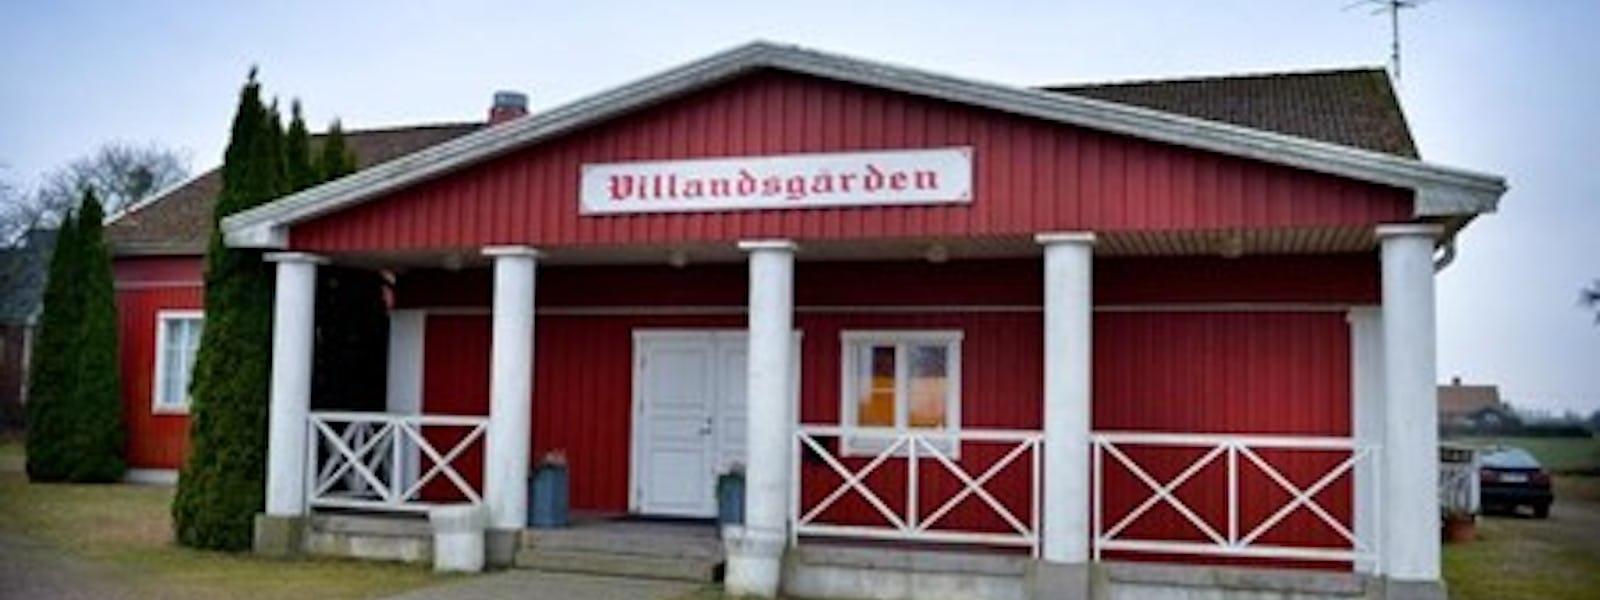 Bild - Invigning av Willandsgårdens förskola